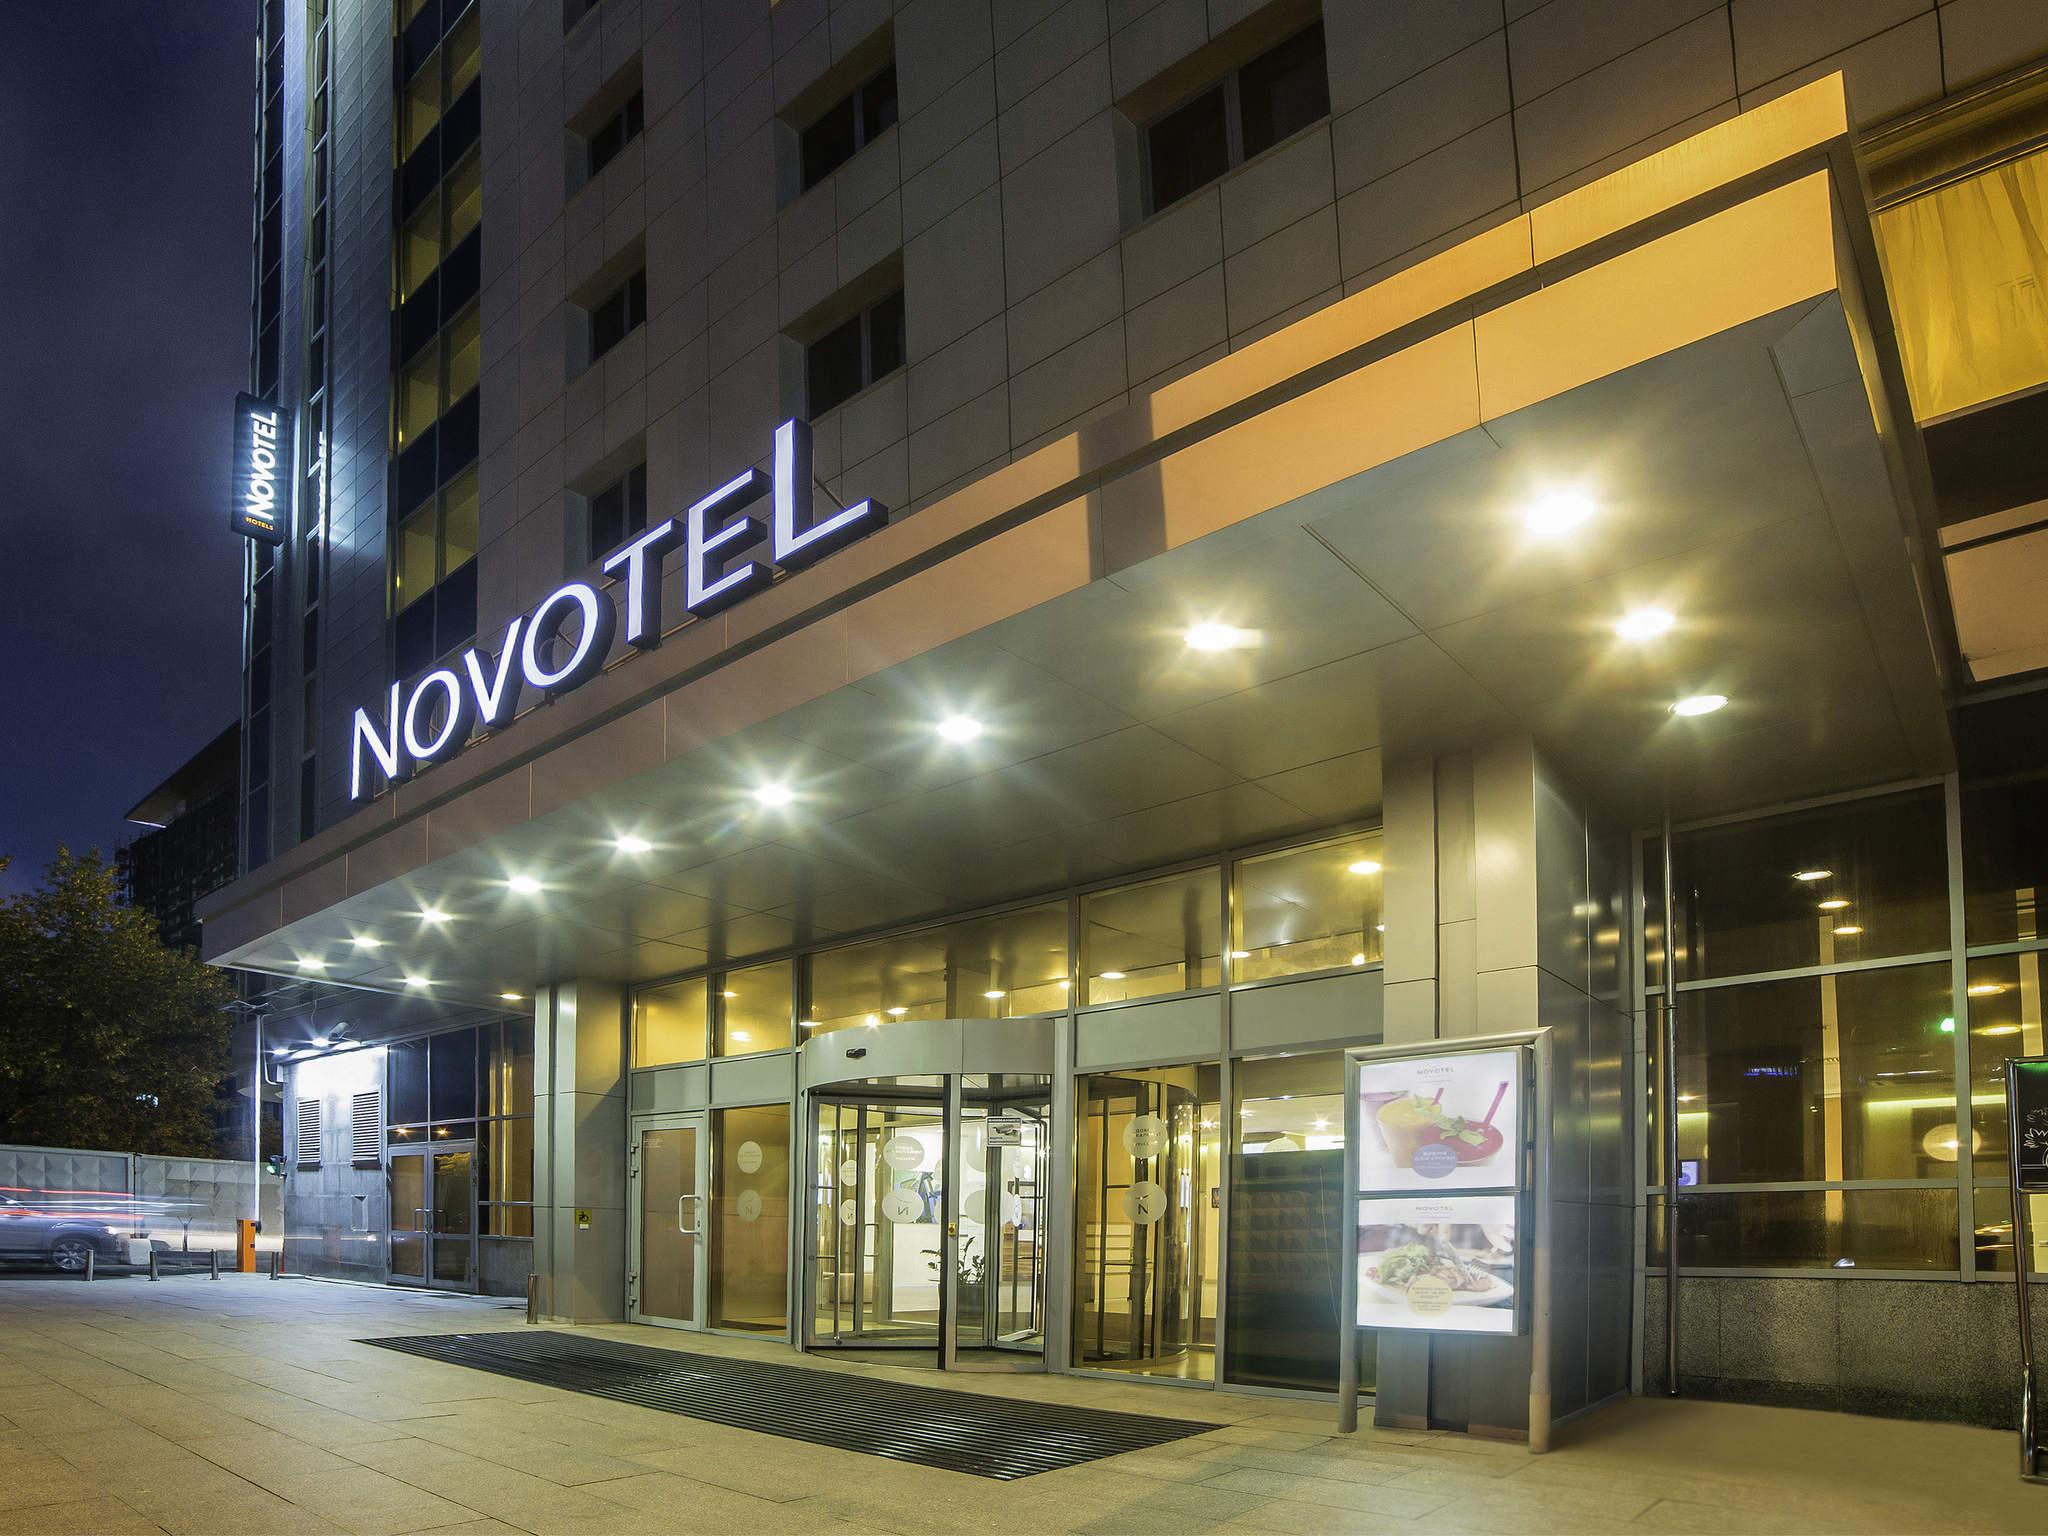 ホテル – ノボテルエカテリンブルクセンター